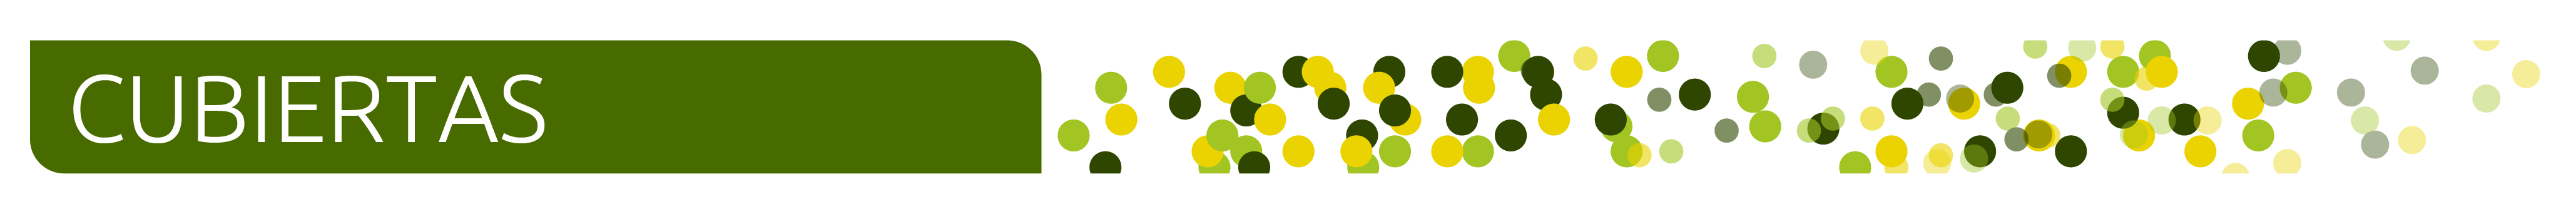 titulos-05